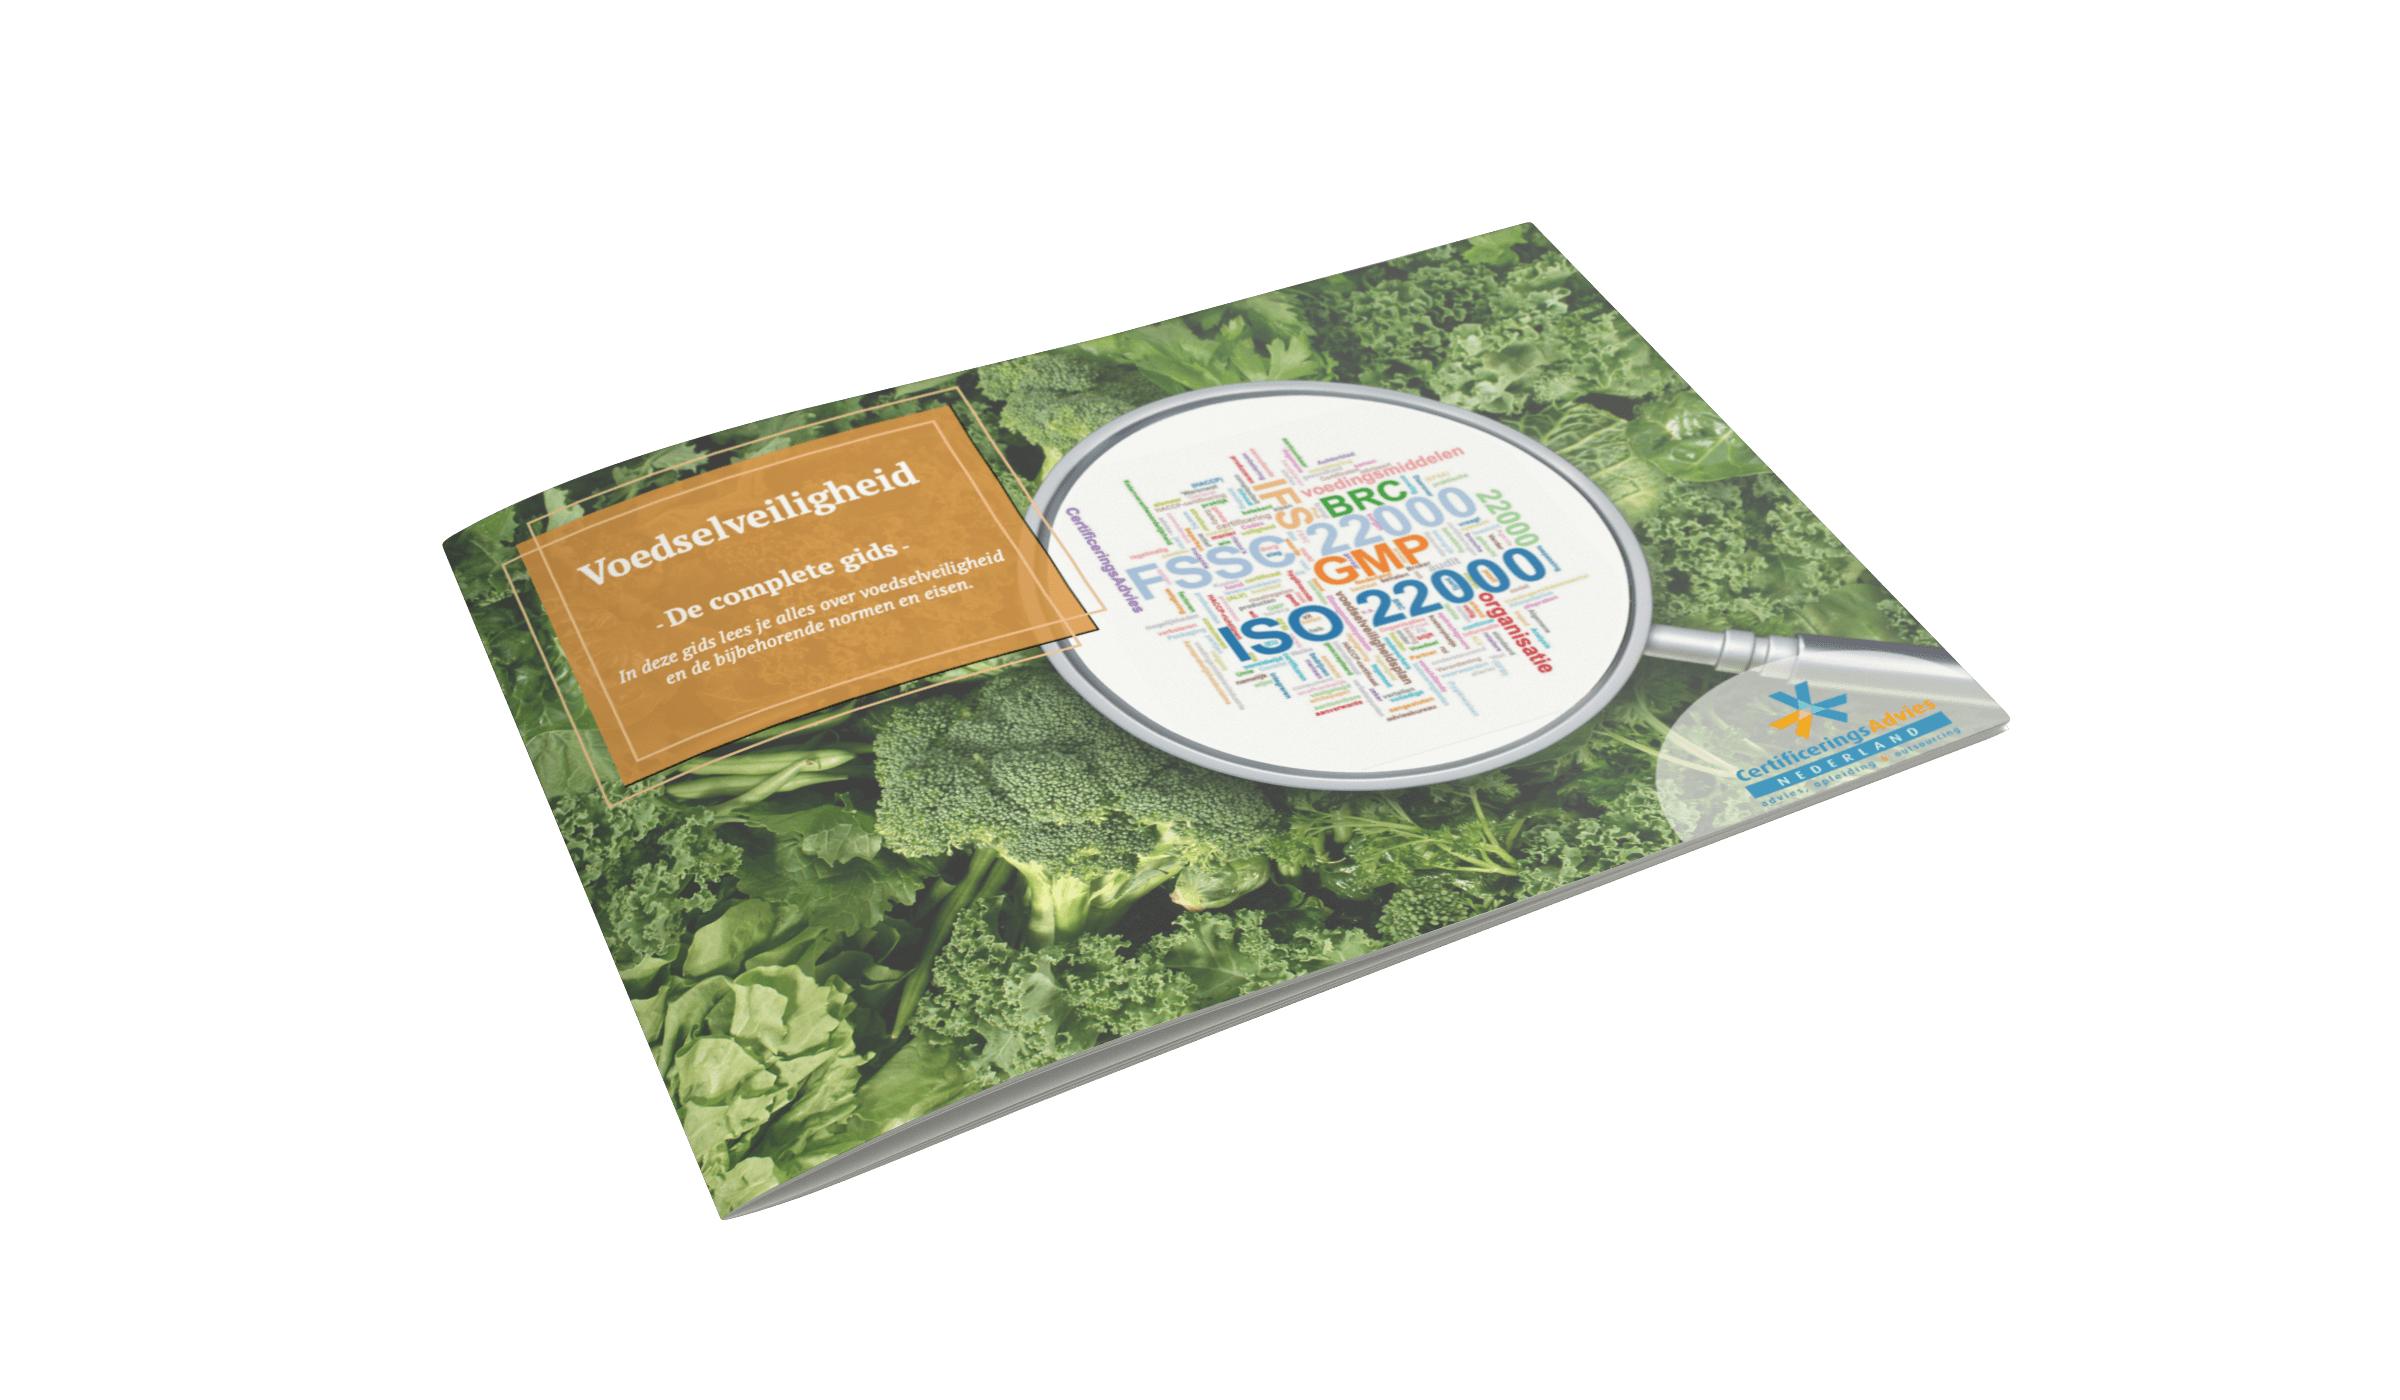 Mockup Voedselveiligheid whitepaper